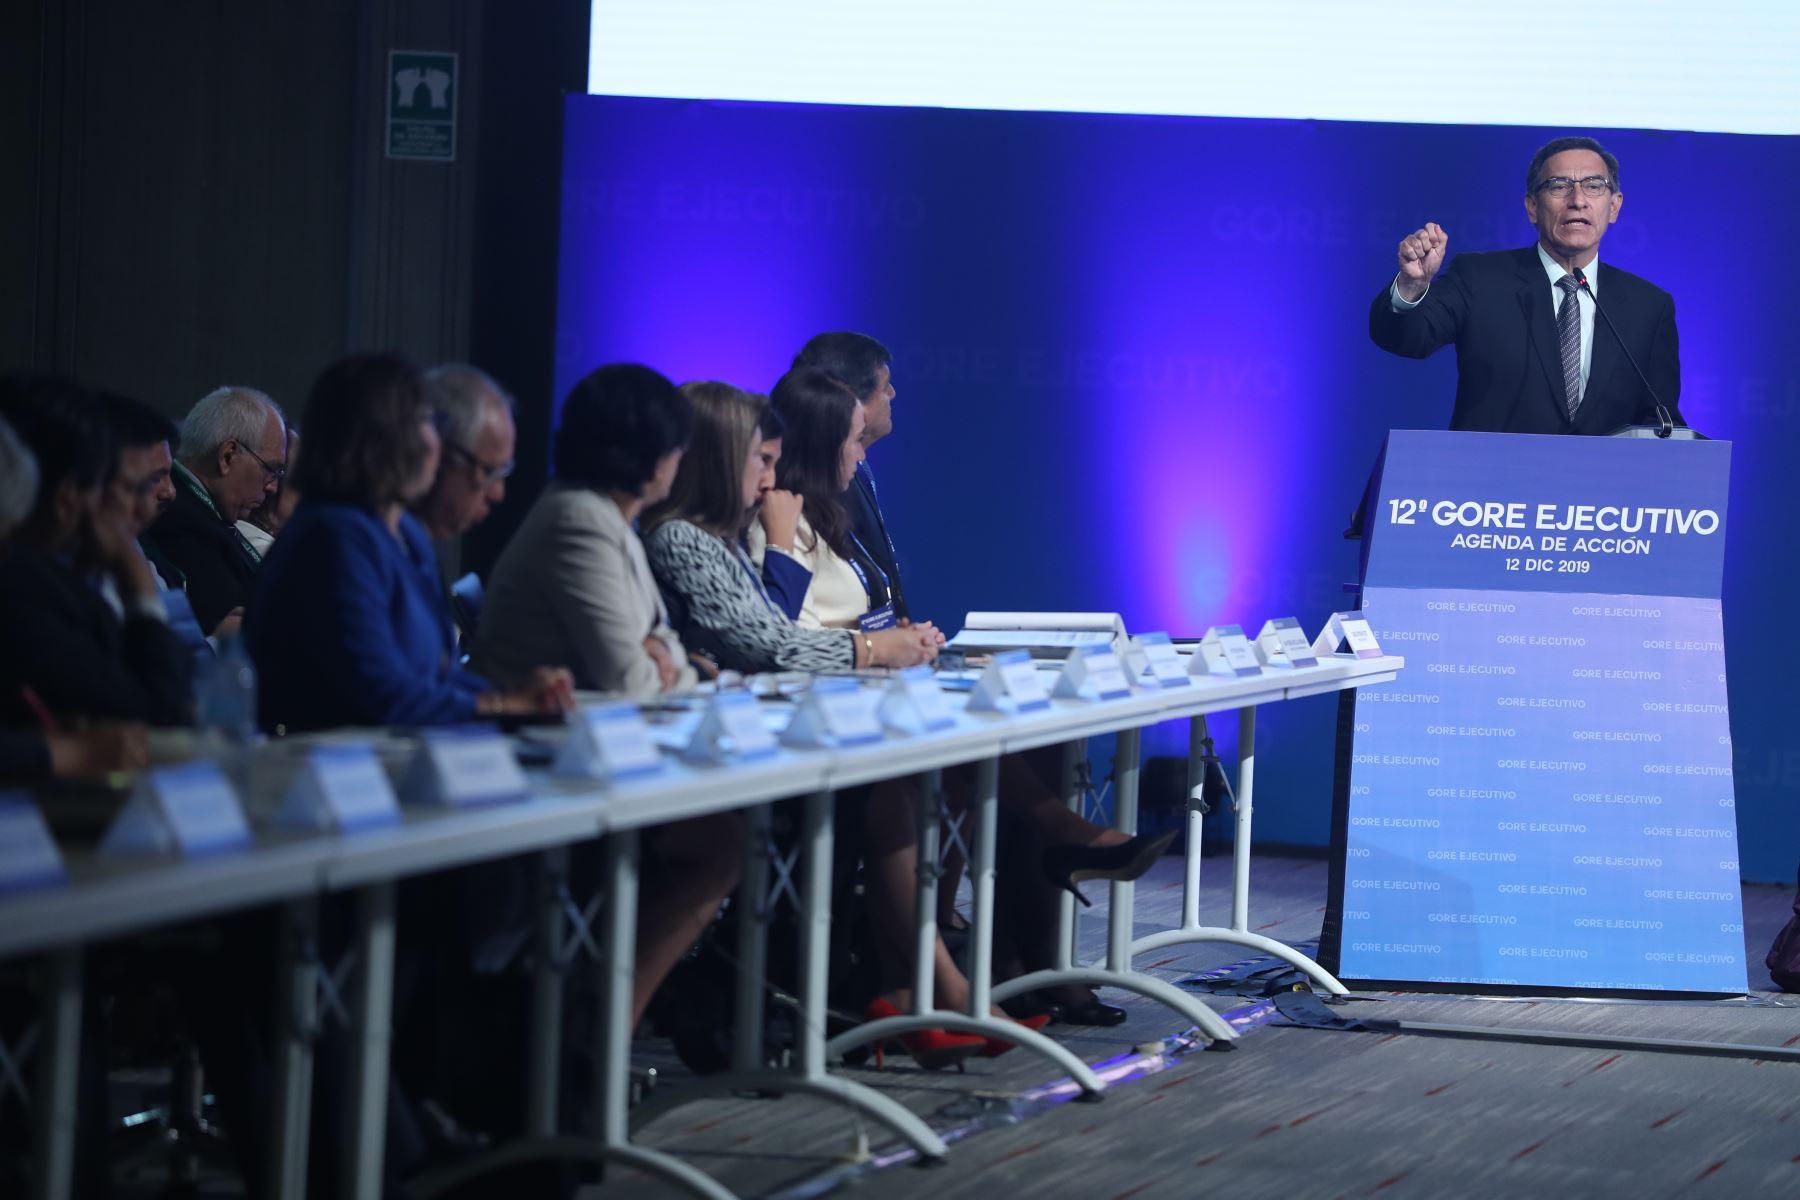 Presidente Martín Vizcarra participa en la 12° Gore Ejecutivo. Foto: ANDINA/Melina Mejía